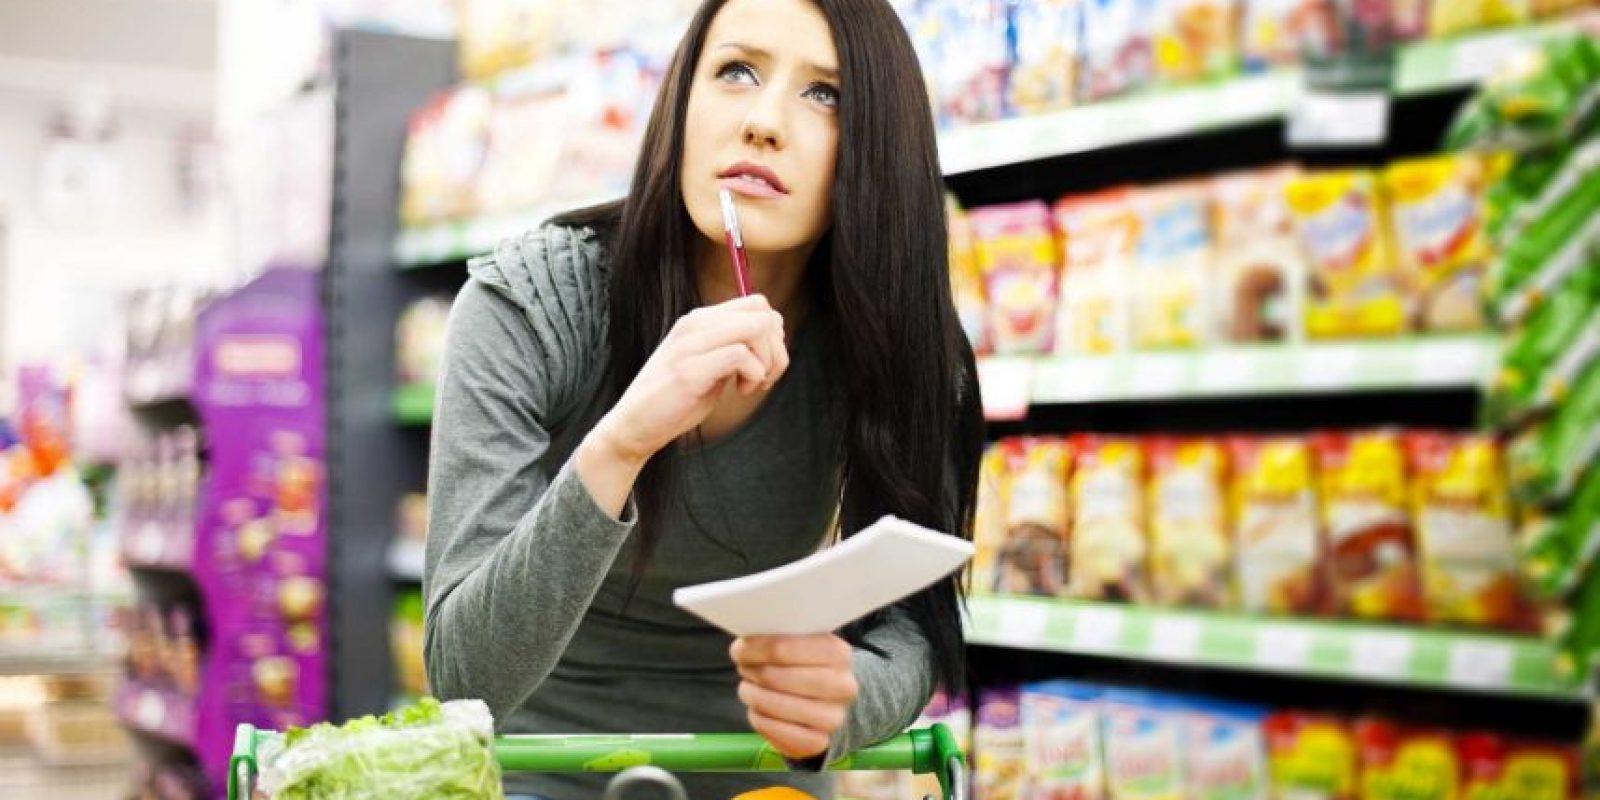 Elimina de tu lista del supermercado los alimentos que sean una tentación.